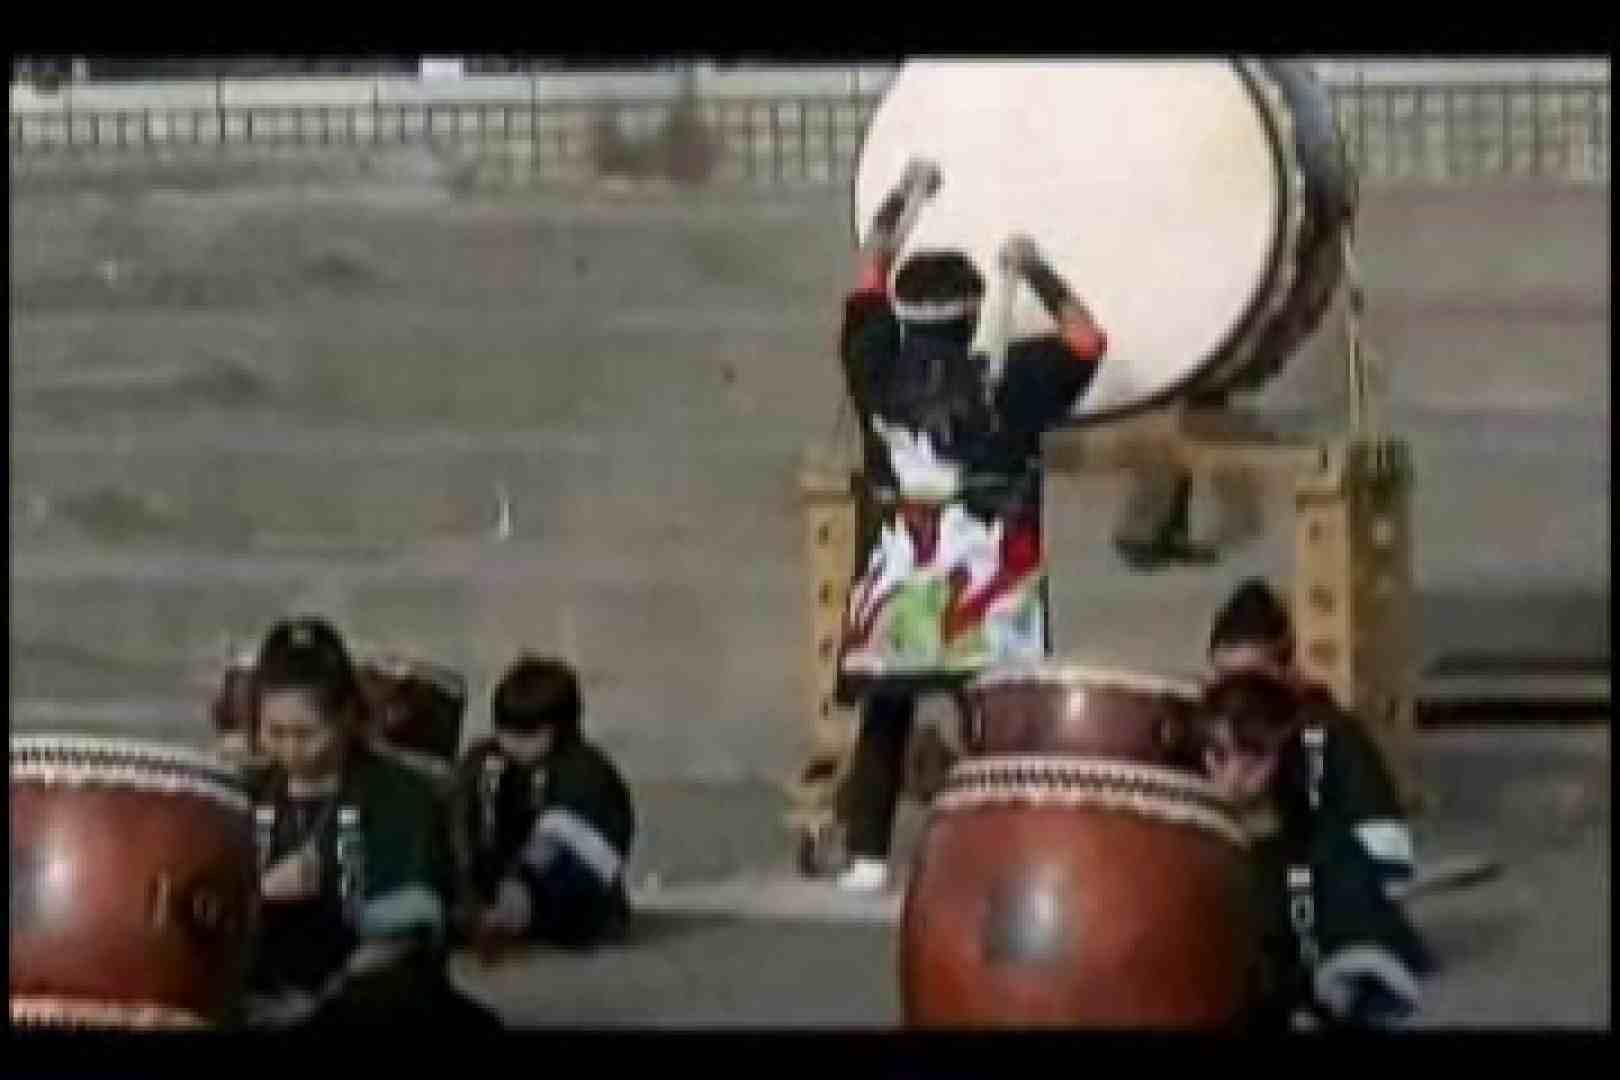 陰間茶屋 男児祭り VOL.1 野外露出セックス ゲイ素人エロ画像 90枚 1